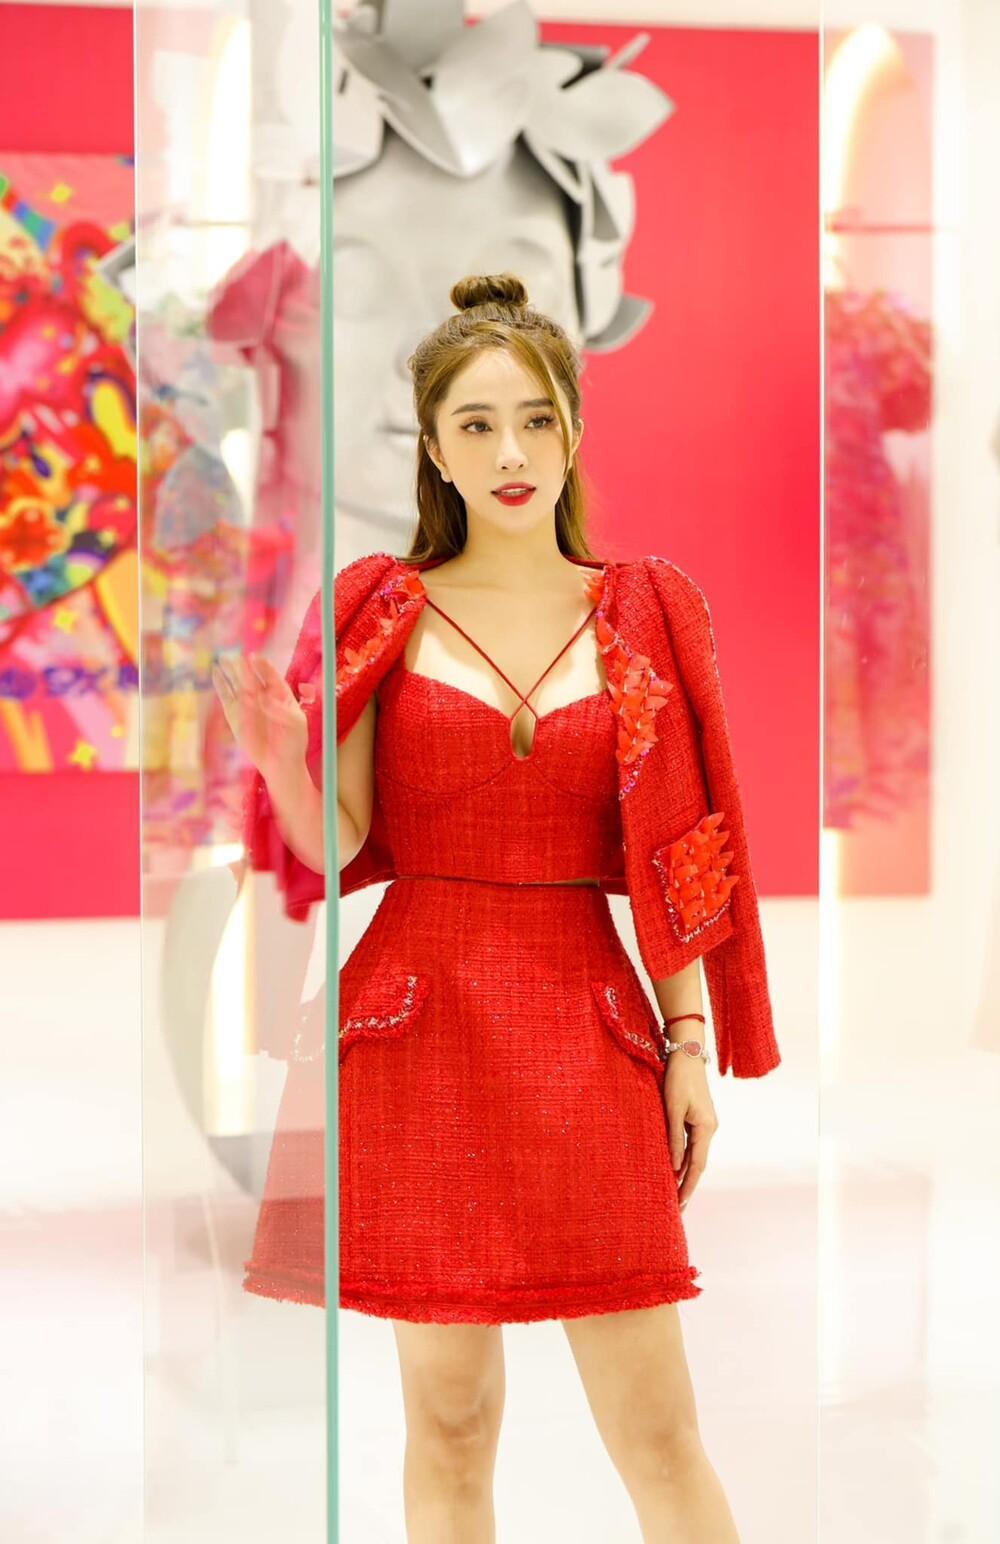 Lương Thùy Linh, Văn Mai Hương, Lynk Lee, Quỳnh Nga khoe vòng 1 'tràn viền' trong cùng chiếc váy đỏ Ảnh 9